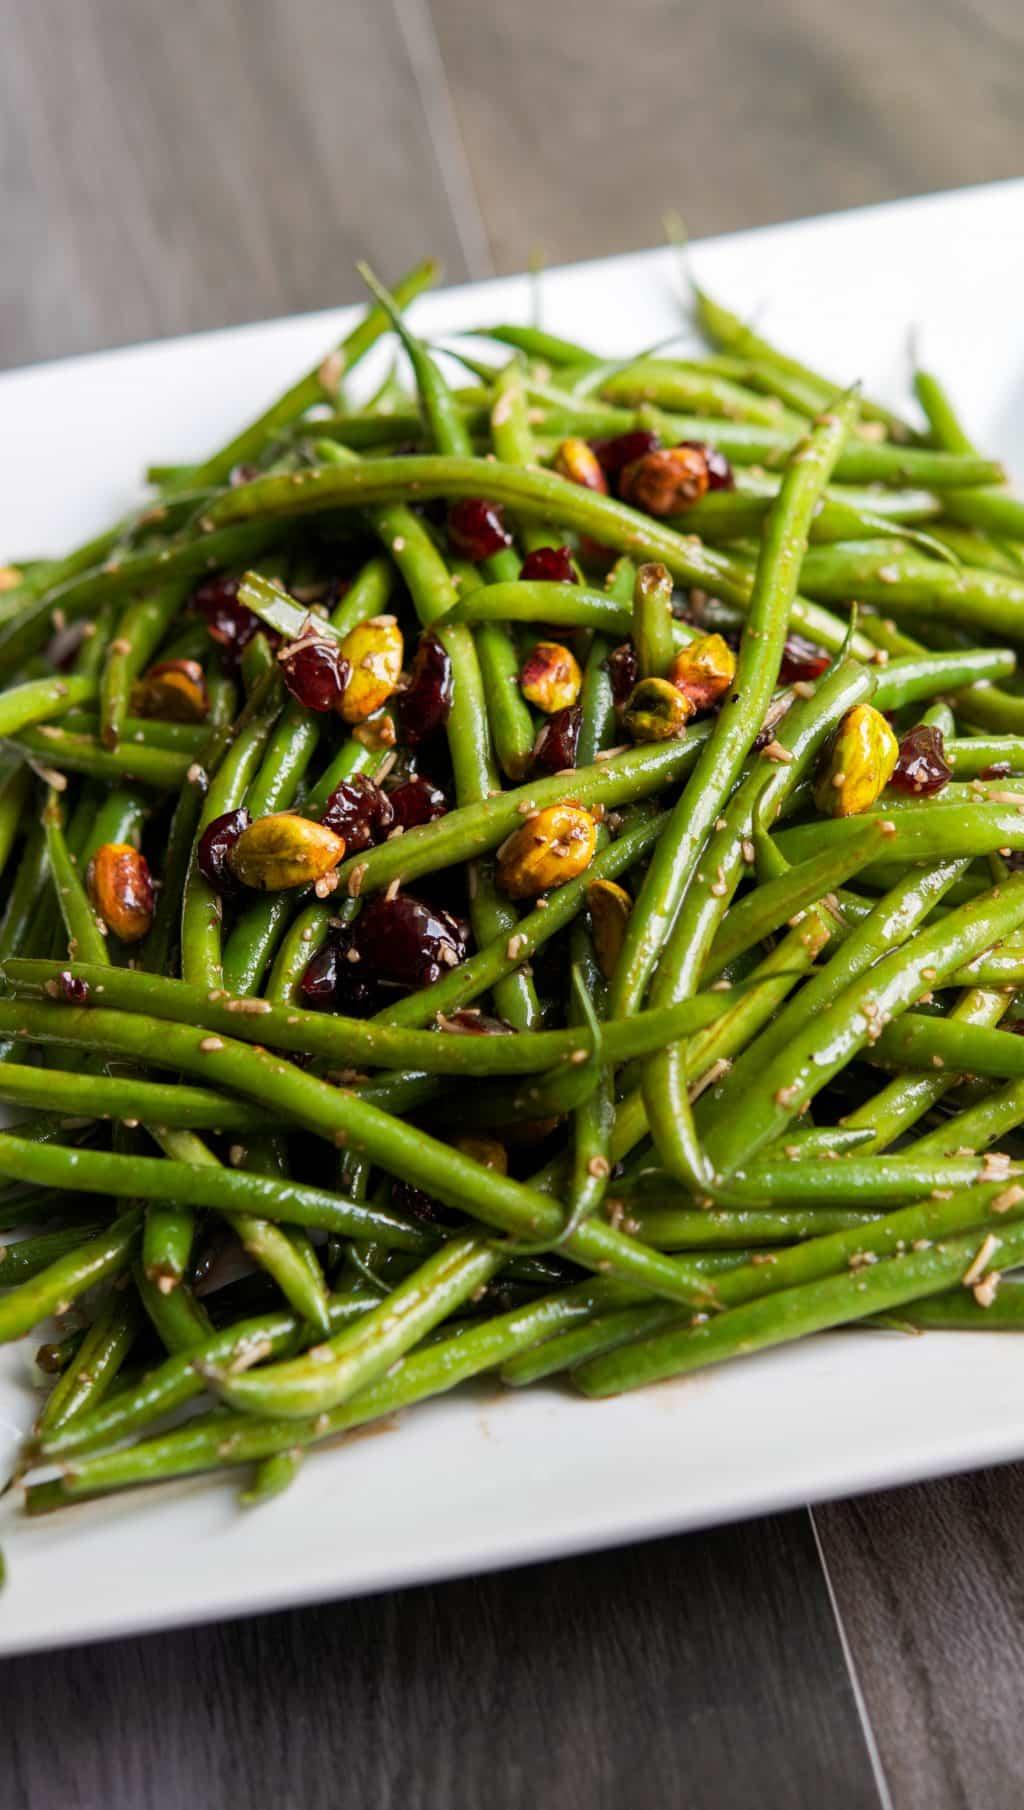 Haricot Vert Salad French Haricot Verts Salad Closeup